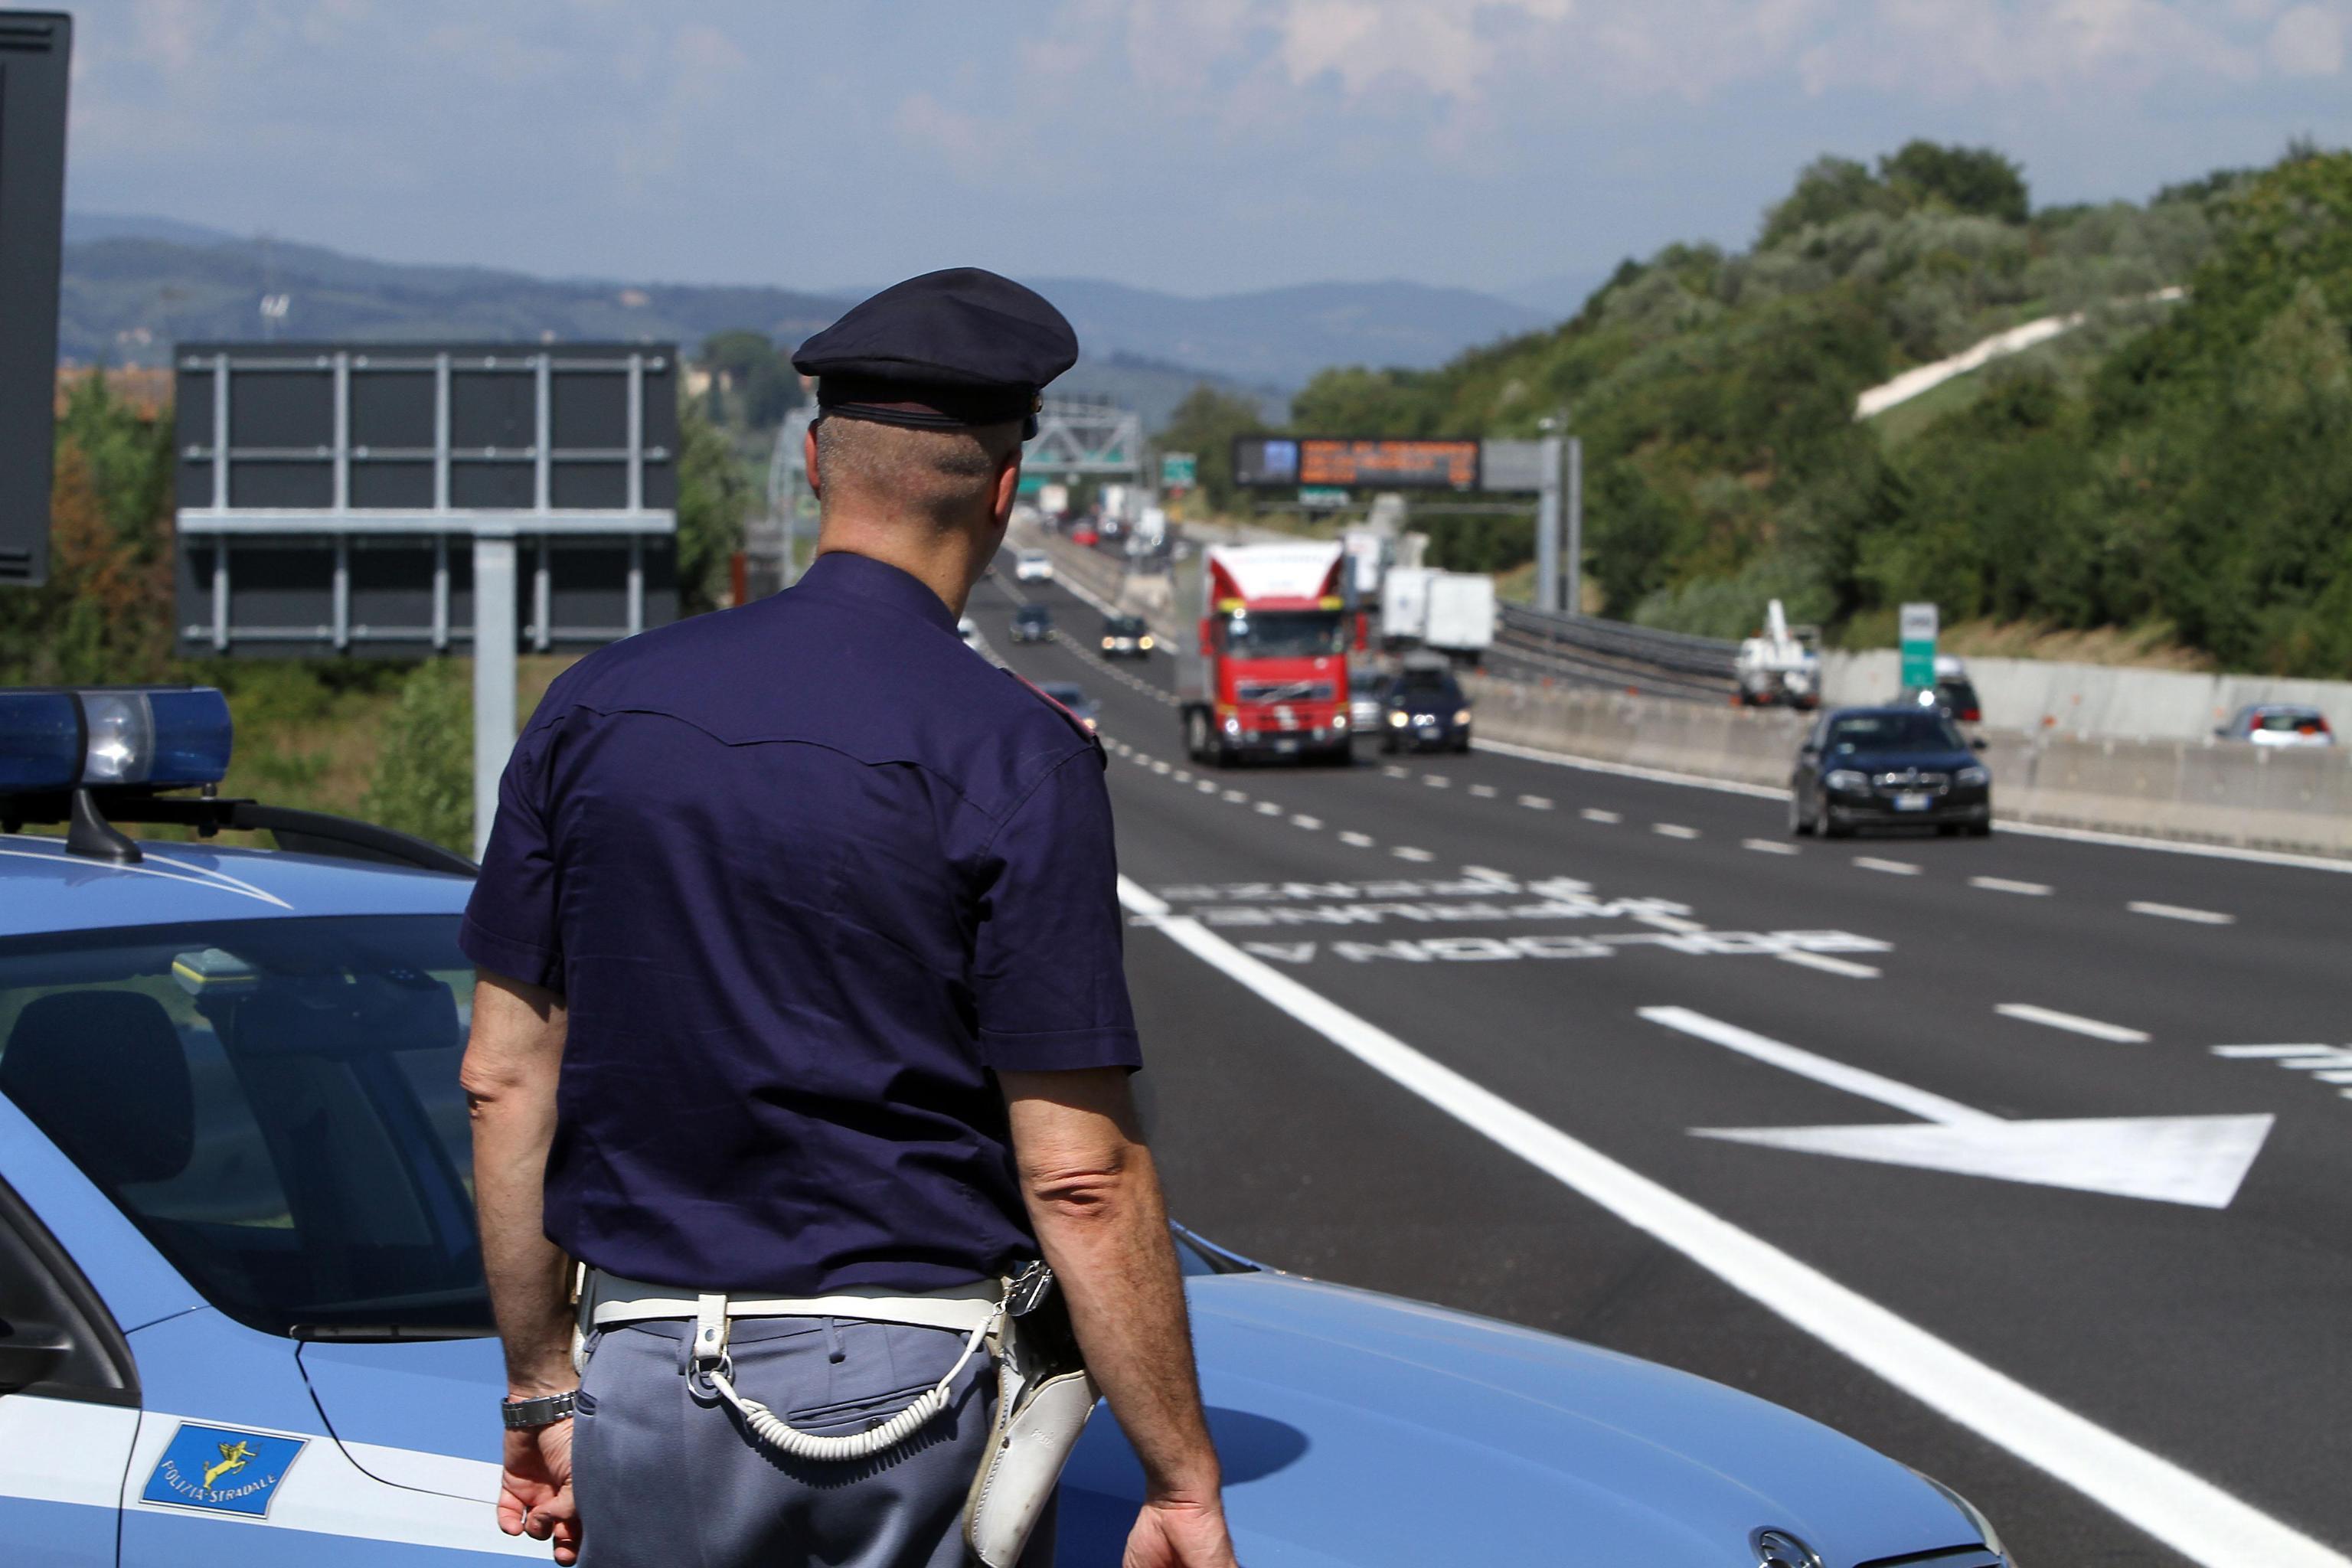 Rom forza posto di blocco e gli agenti sparano: risarcito con 60mila euro